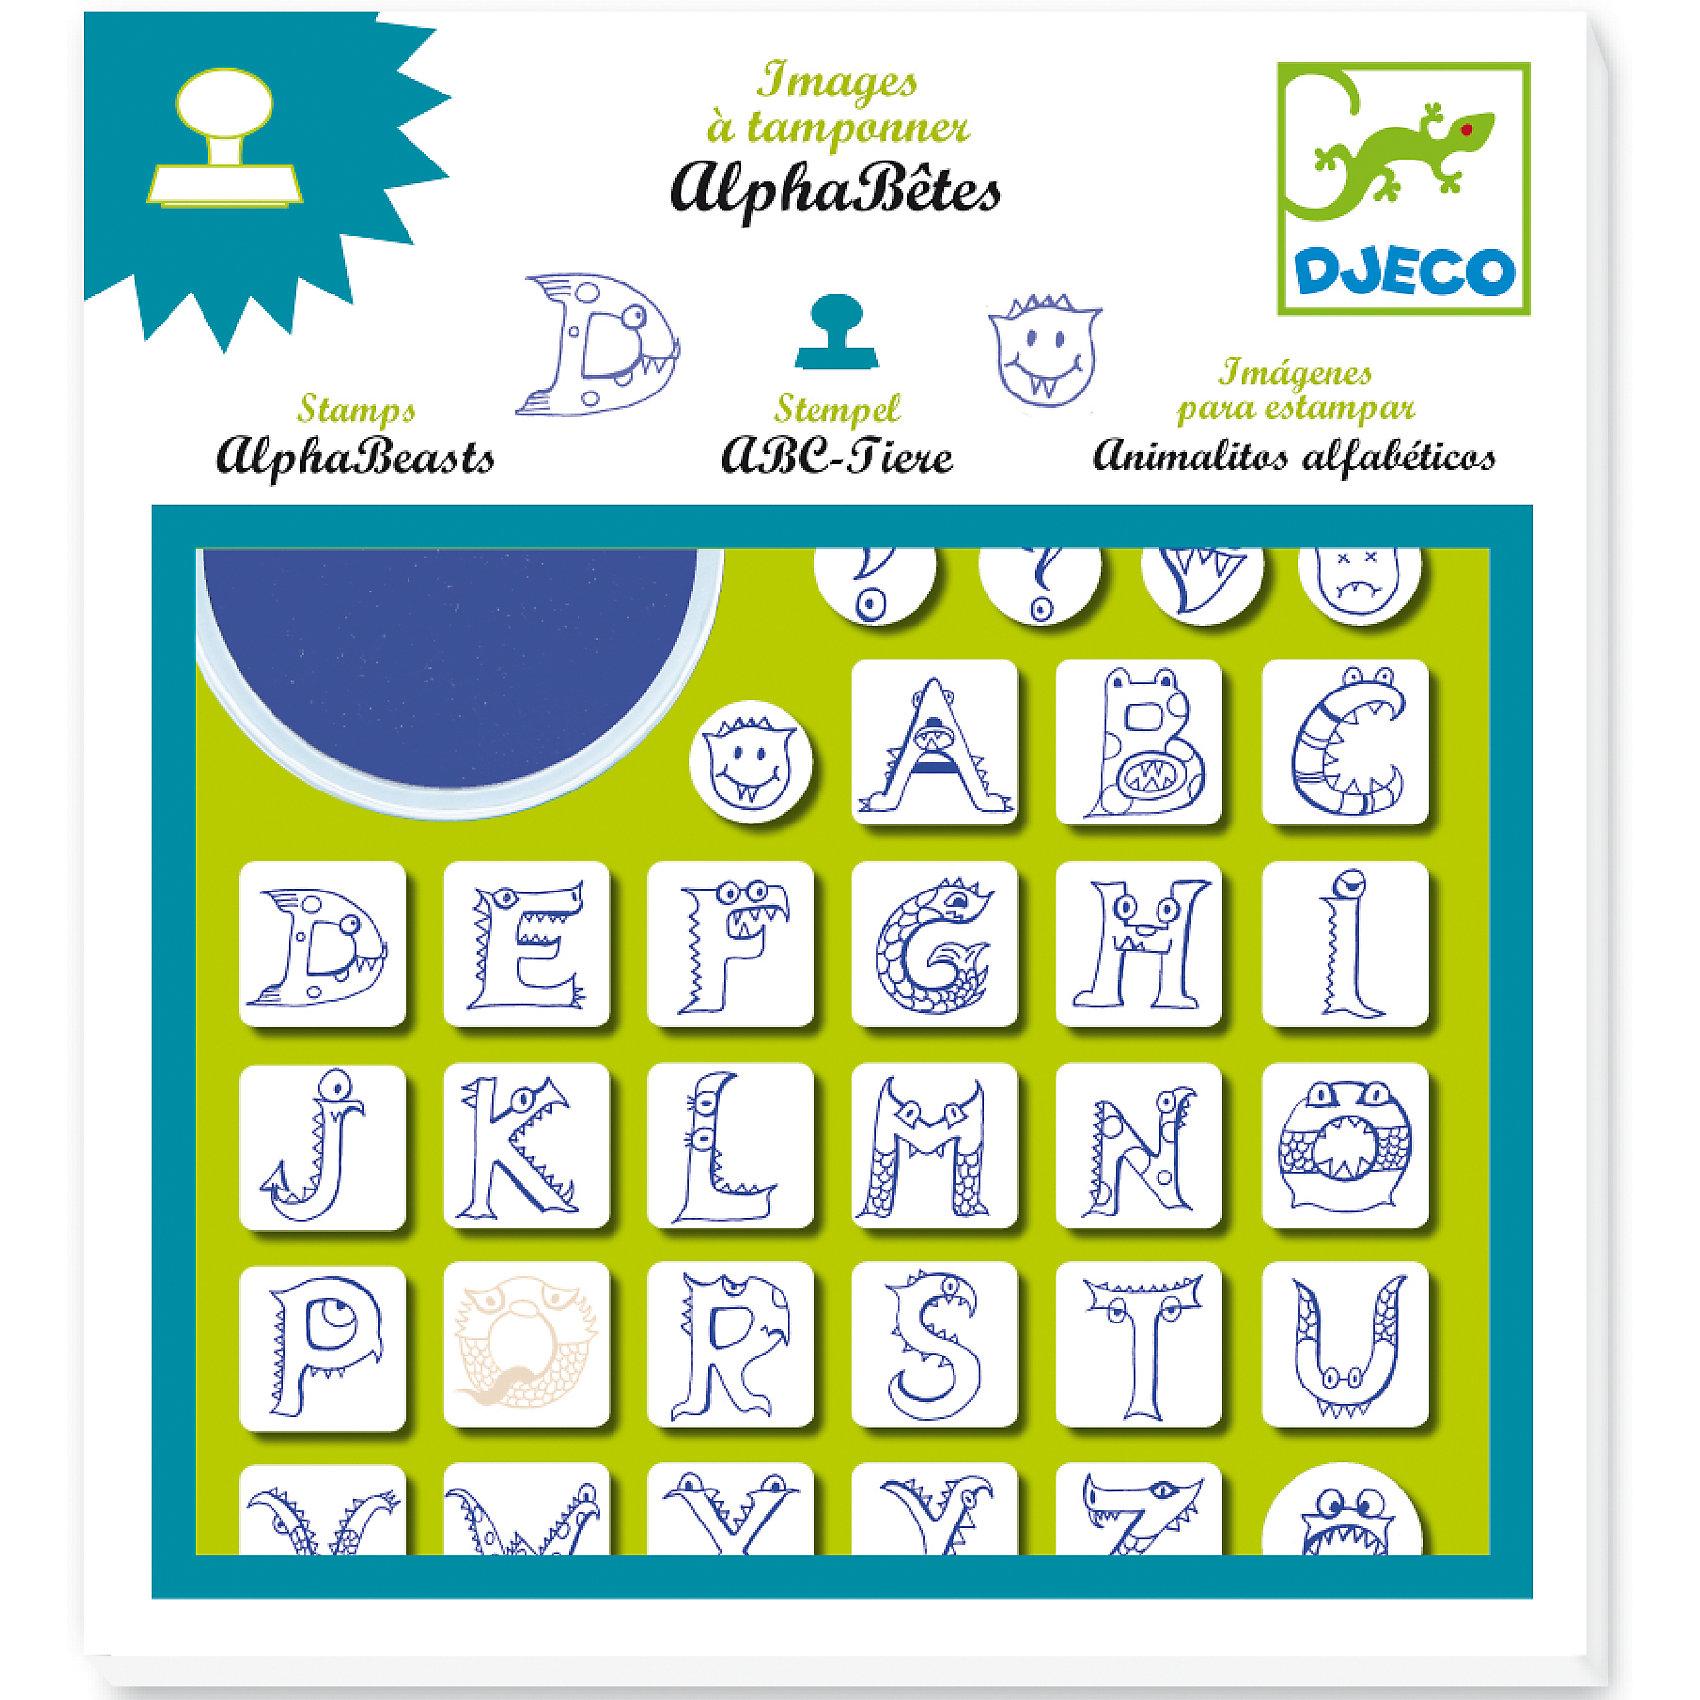 Набор штампов АлфавитОбучающие карточки<br>Удивительный набор штампов в форме букв латинского алфавита, нарисованных в виде различных животных. В игровой форме Ваш ребенок начнет изучение латинского алфавита, научится составлять буквы в слова.В комплекте: 32 штампа в виде букв, моющаяся штемпельная подушечка.<br><br>Набор штампов Алфавит можно купить в нашем магазине.<br><br>Ширина мм: 230<br>Глубина мм: 210<br>Высота мм: 20<br>Вес г: 300<br>Возраст от месяцев: 36<br>Возраст до месяцев: 72<br>Пол: Унисекс<br>Возраст: Детский<br>SKU: 4783864